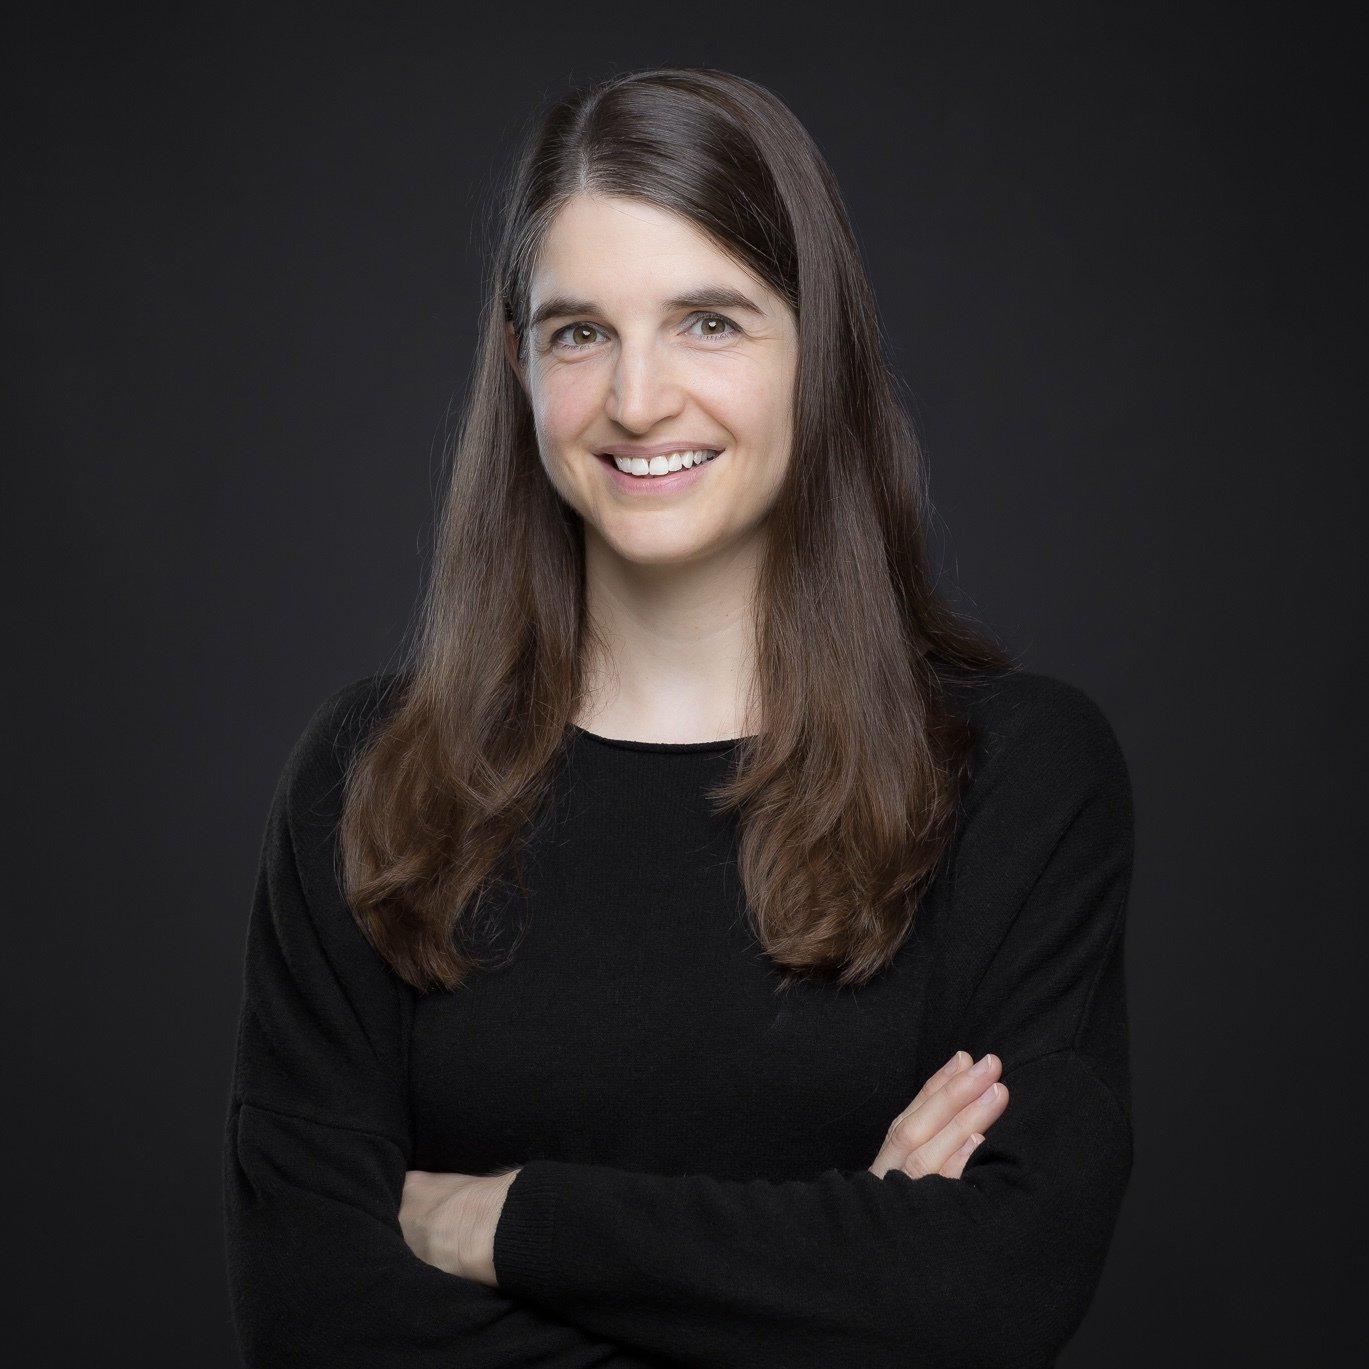 Das Bild zeigt ein Portraitfoto von unserer Autorin Ramona Seitz